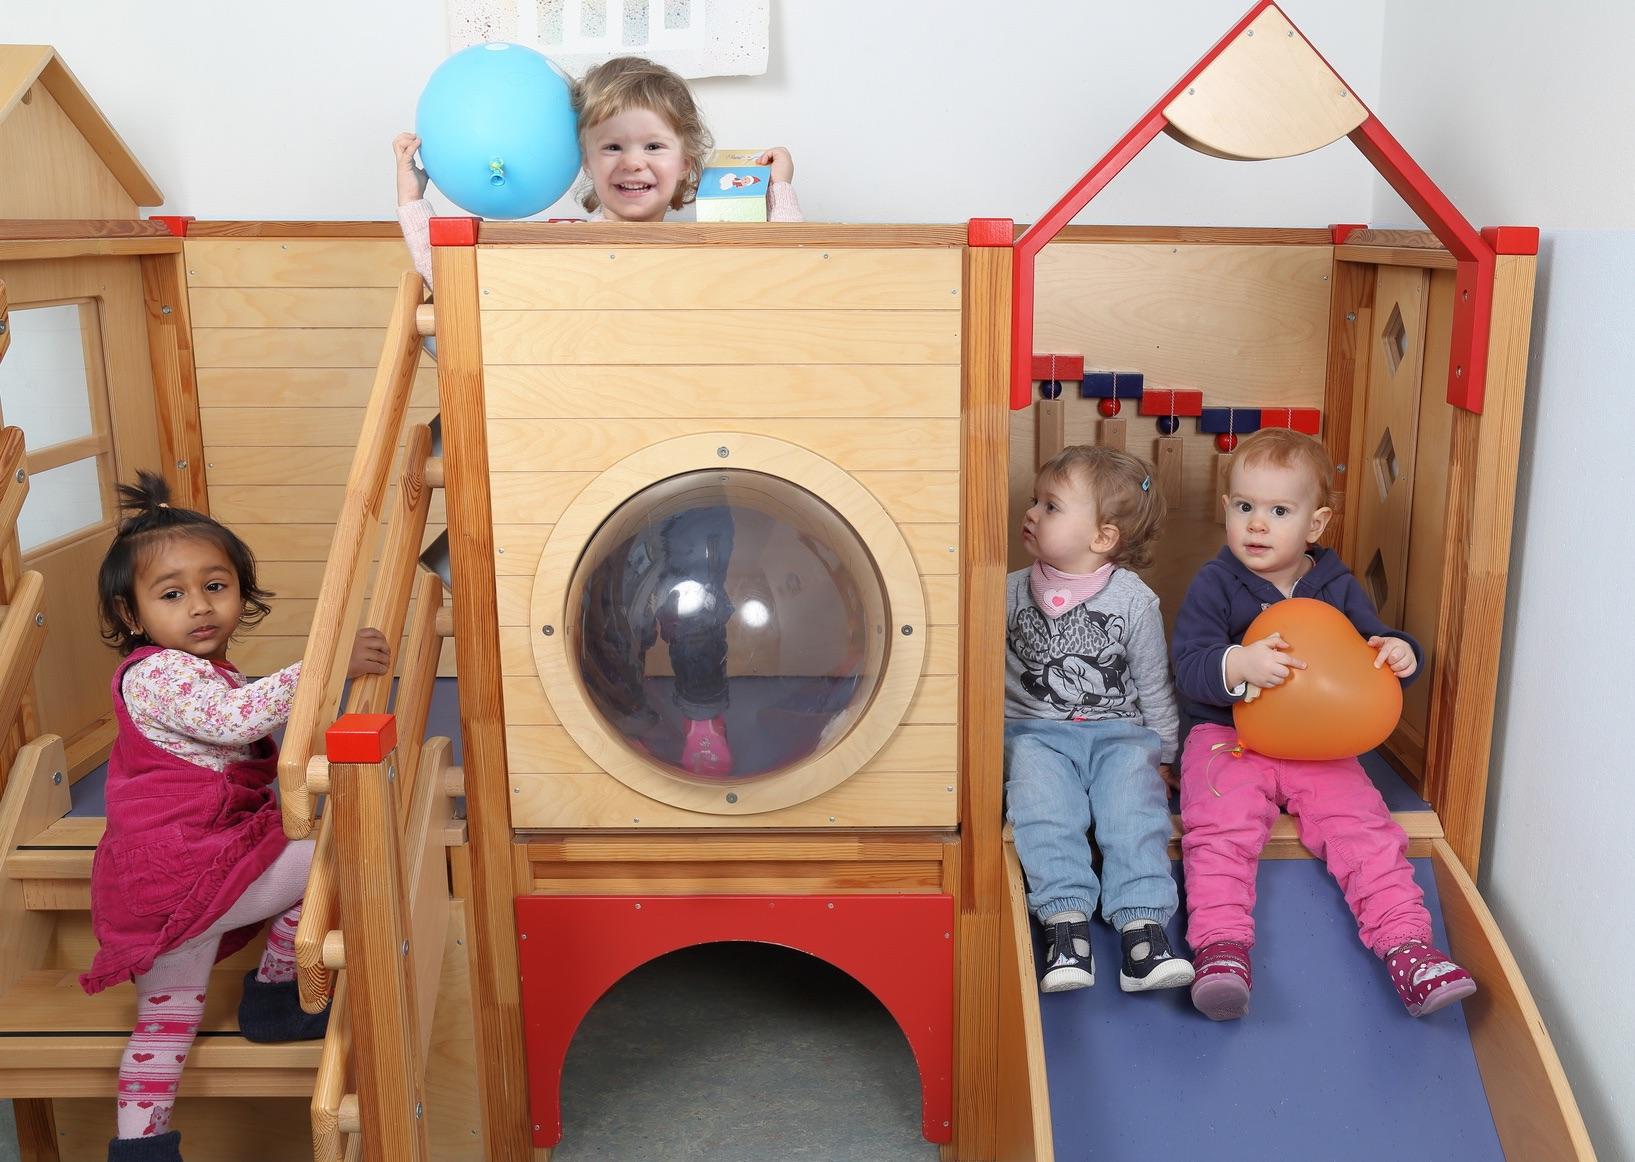 enfants dans une créche / halte garderie